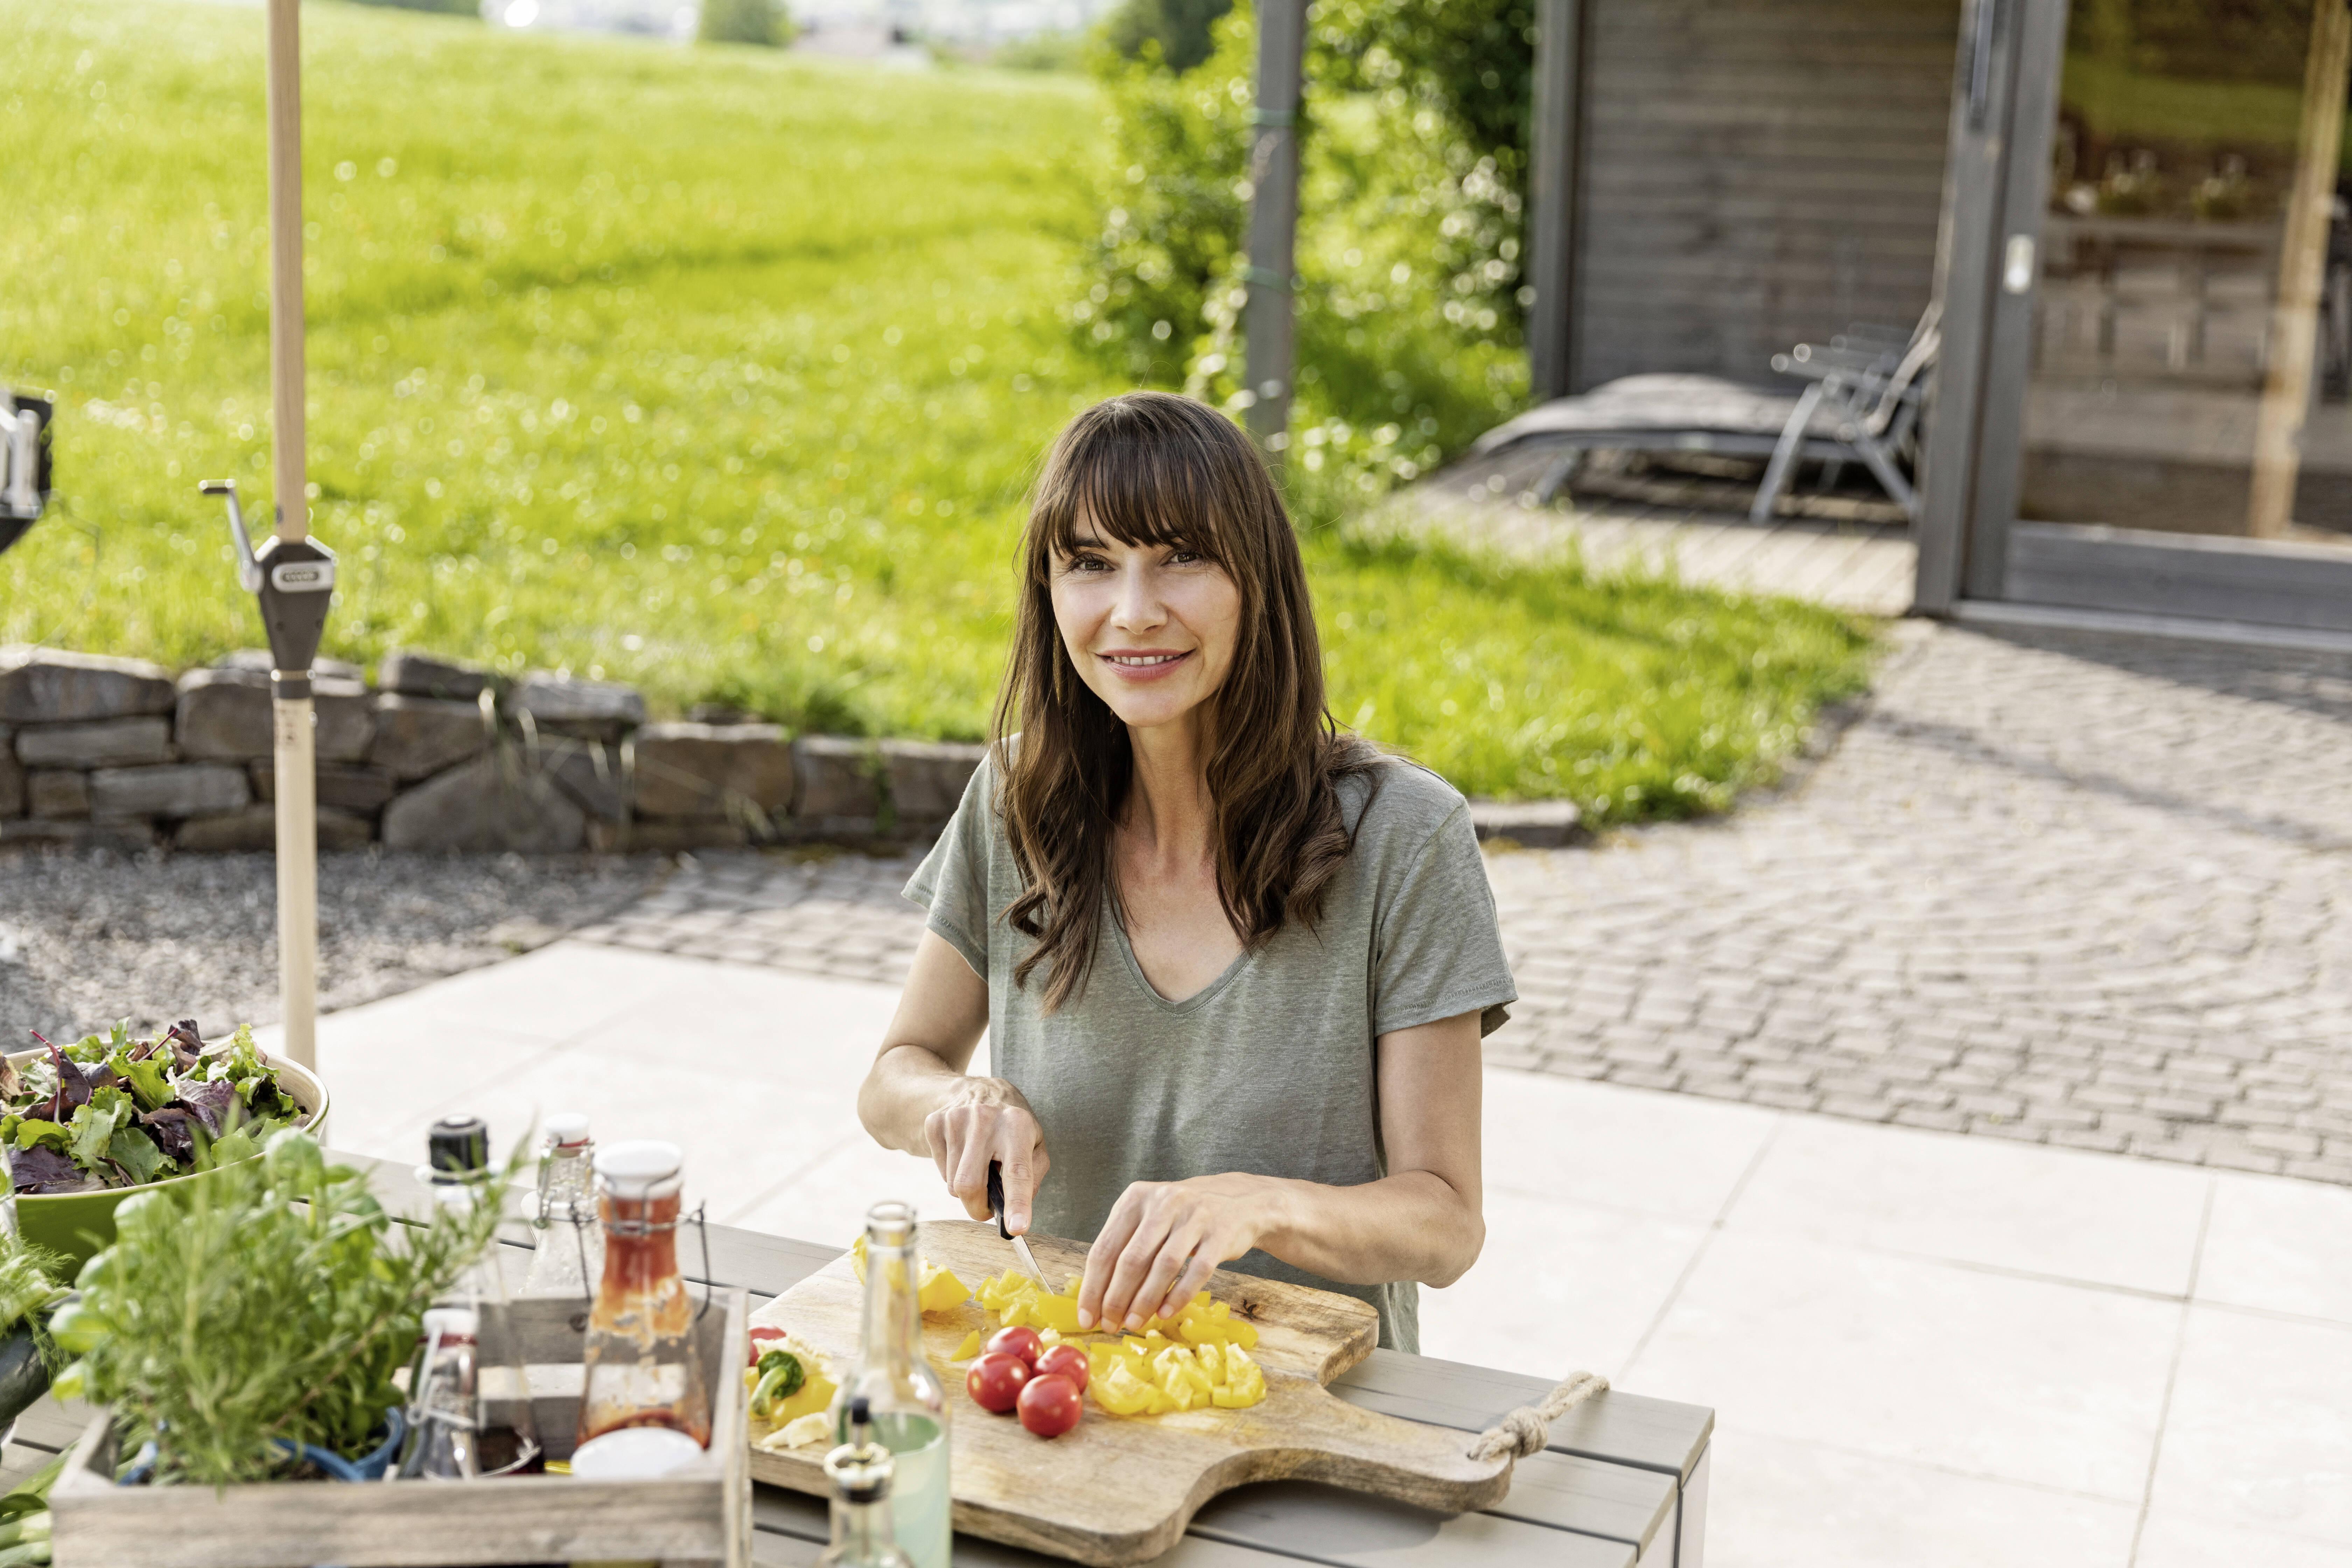 Schenken Sie Ihrem Essverhalten mehr Achtsamkeit, wenn Sie ständig Appetit haben.